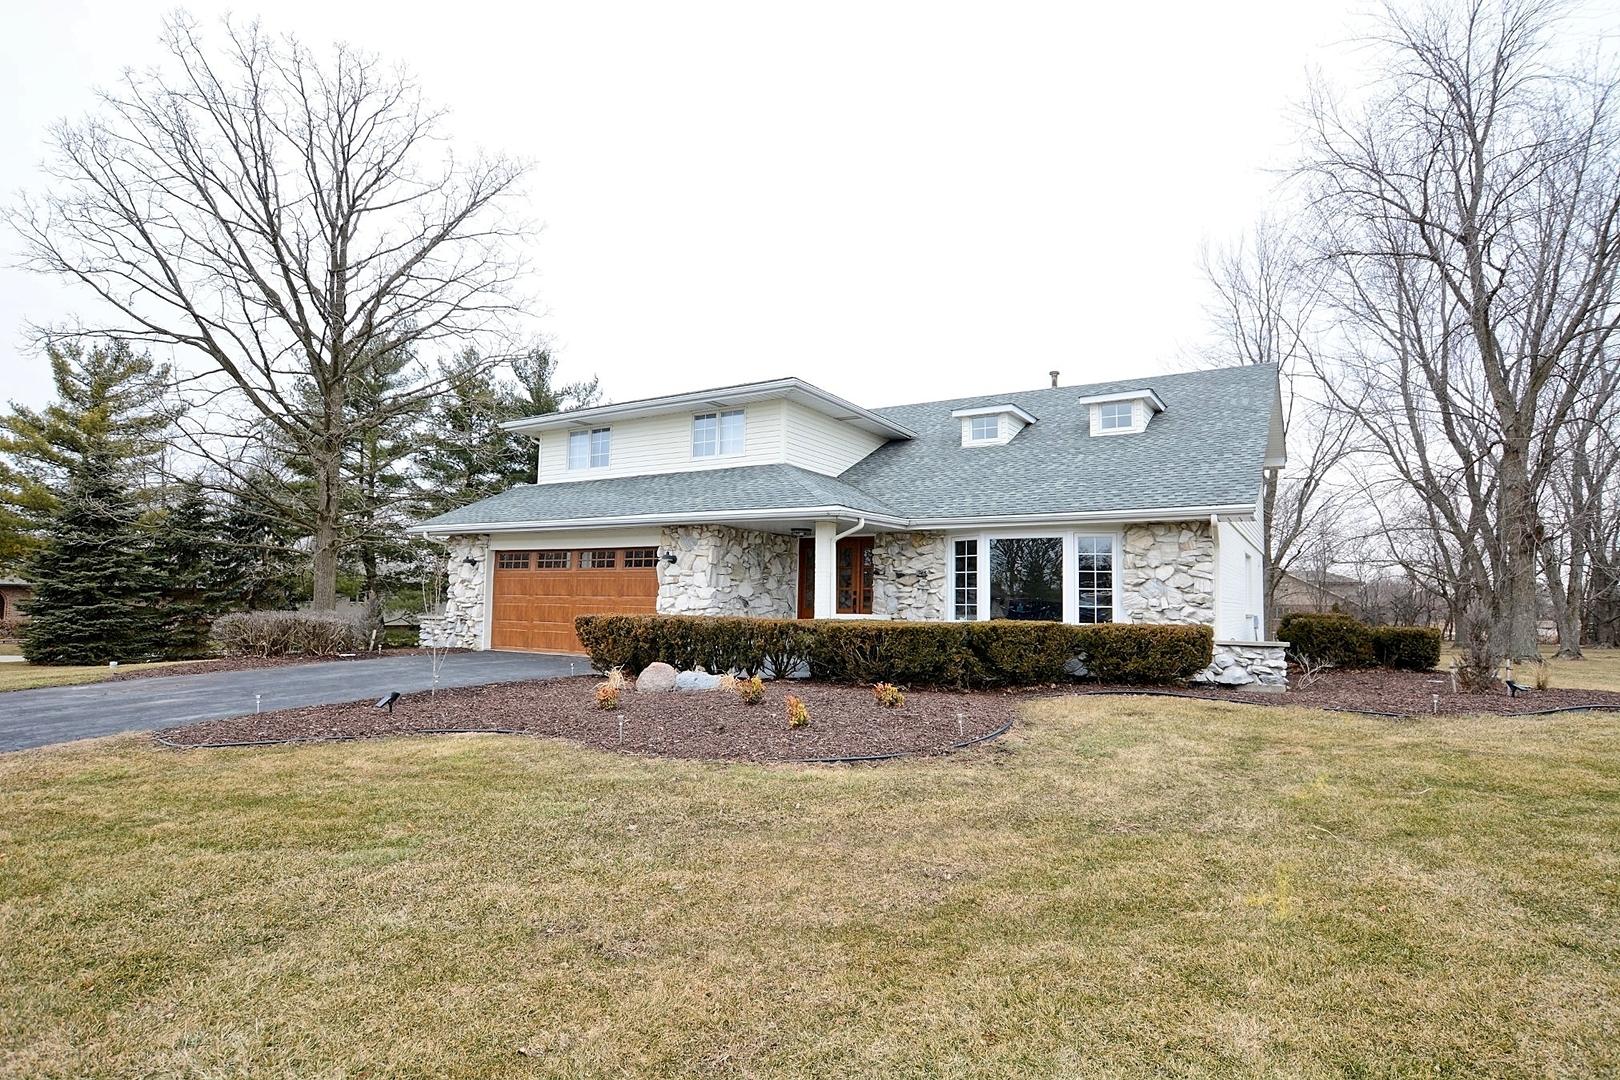 15052 Glen View, Homer Glen, Illinois, 60491